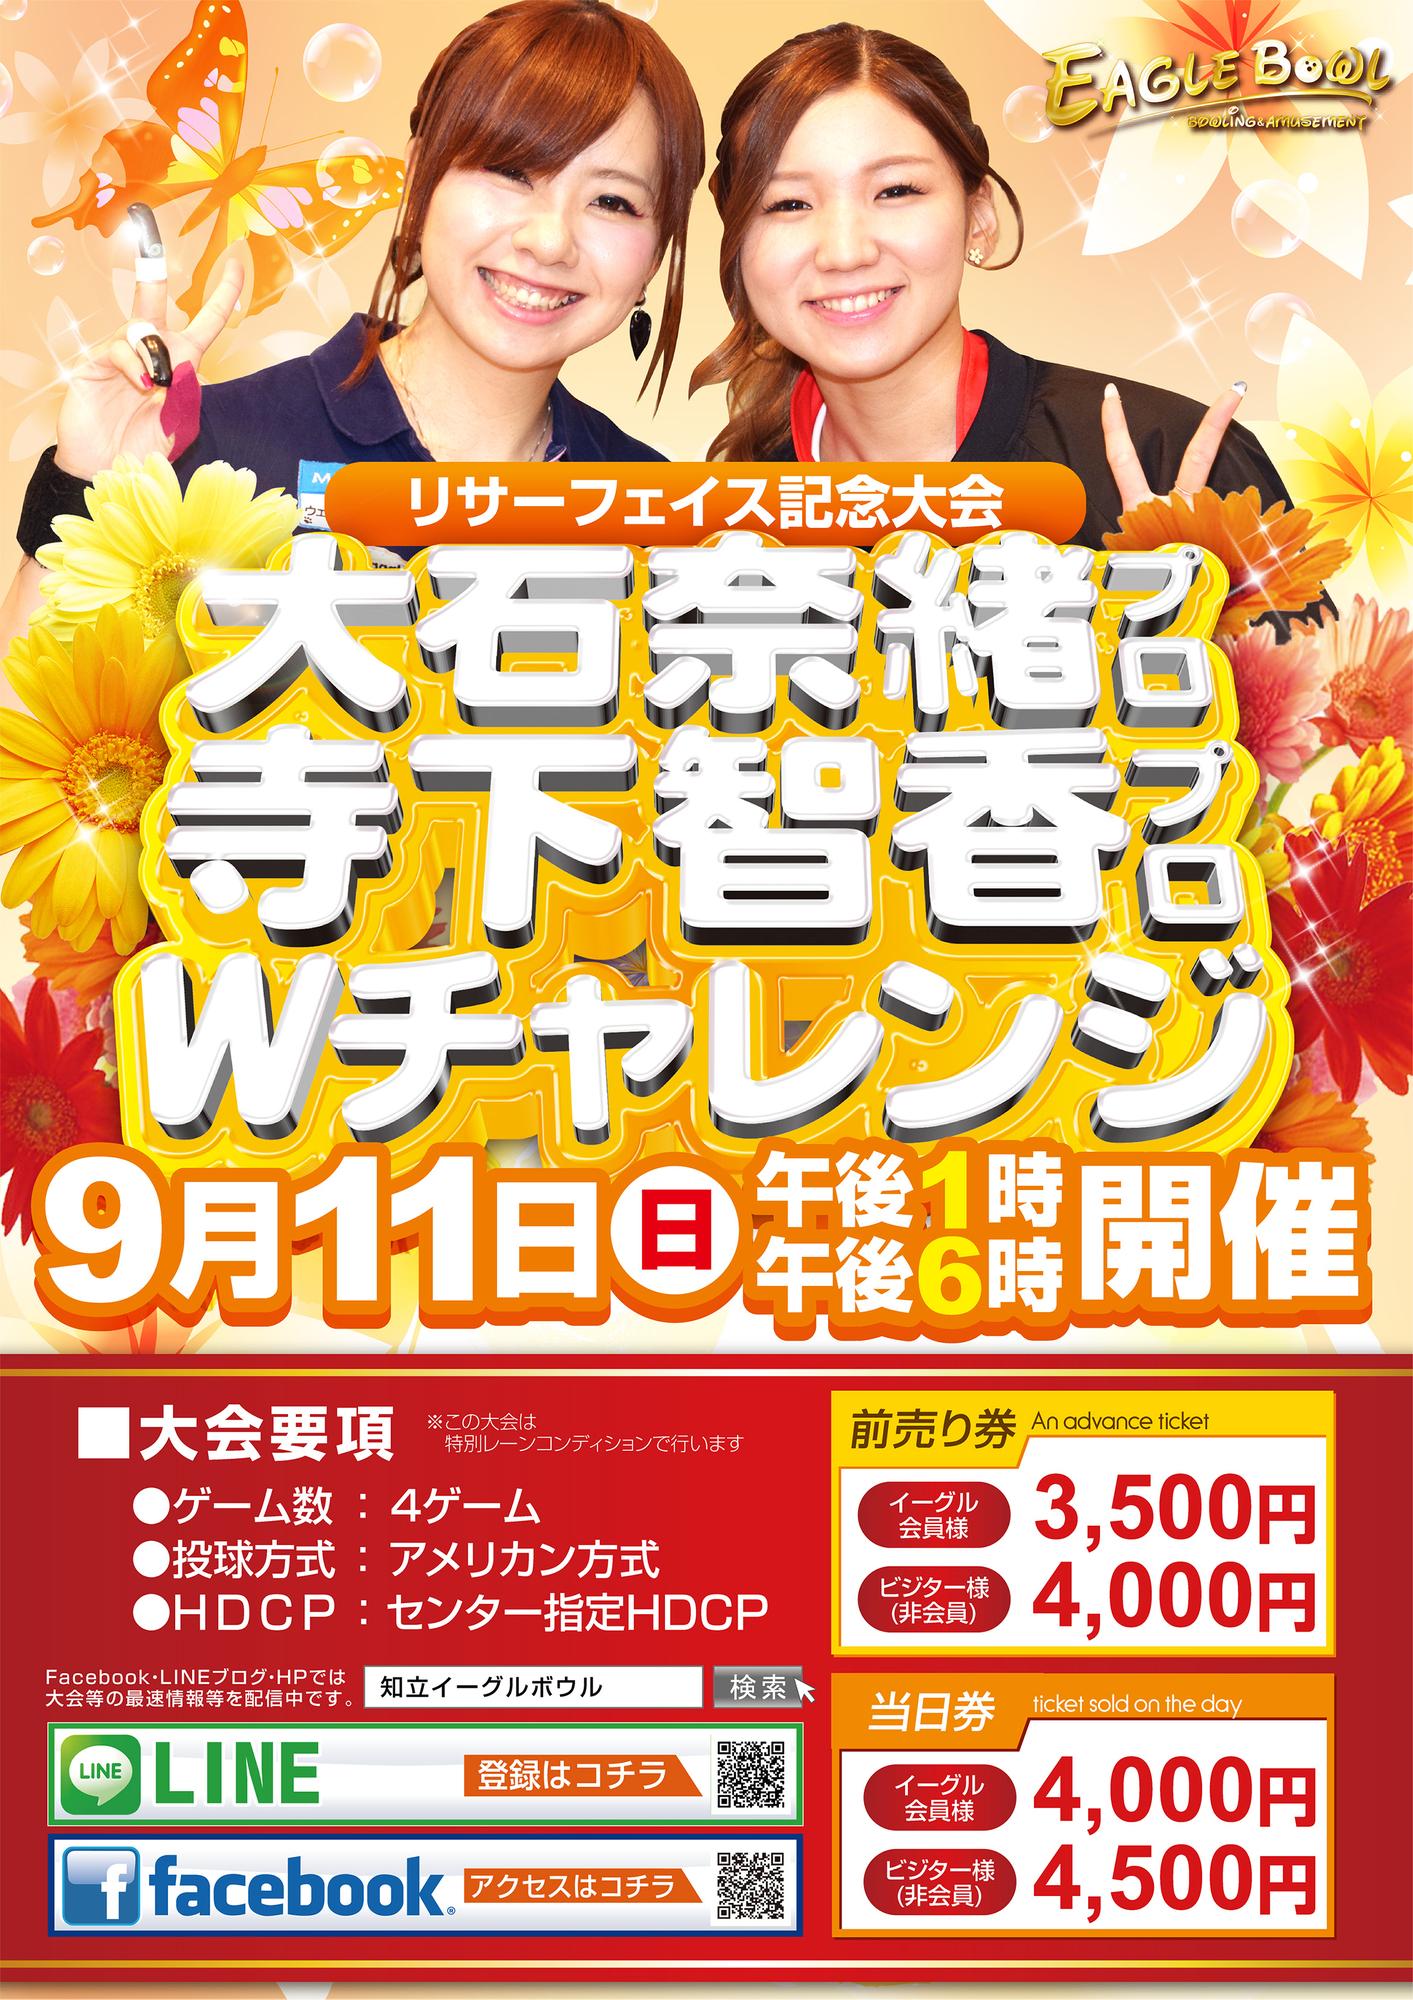 9/11 大石奈緒プロ&寺下智香プロチャレンジ